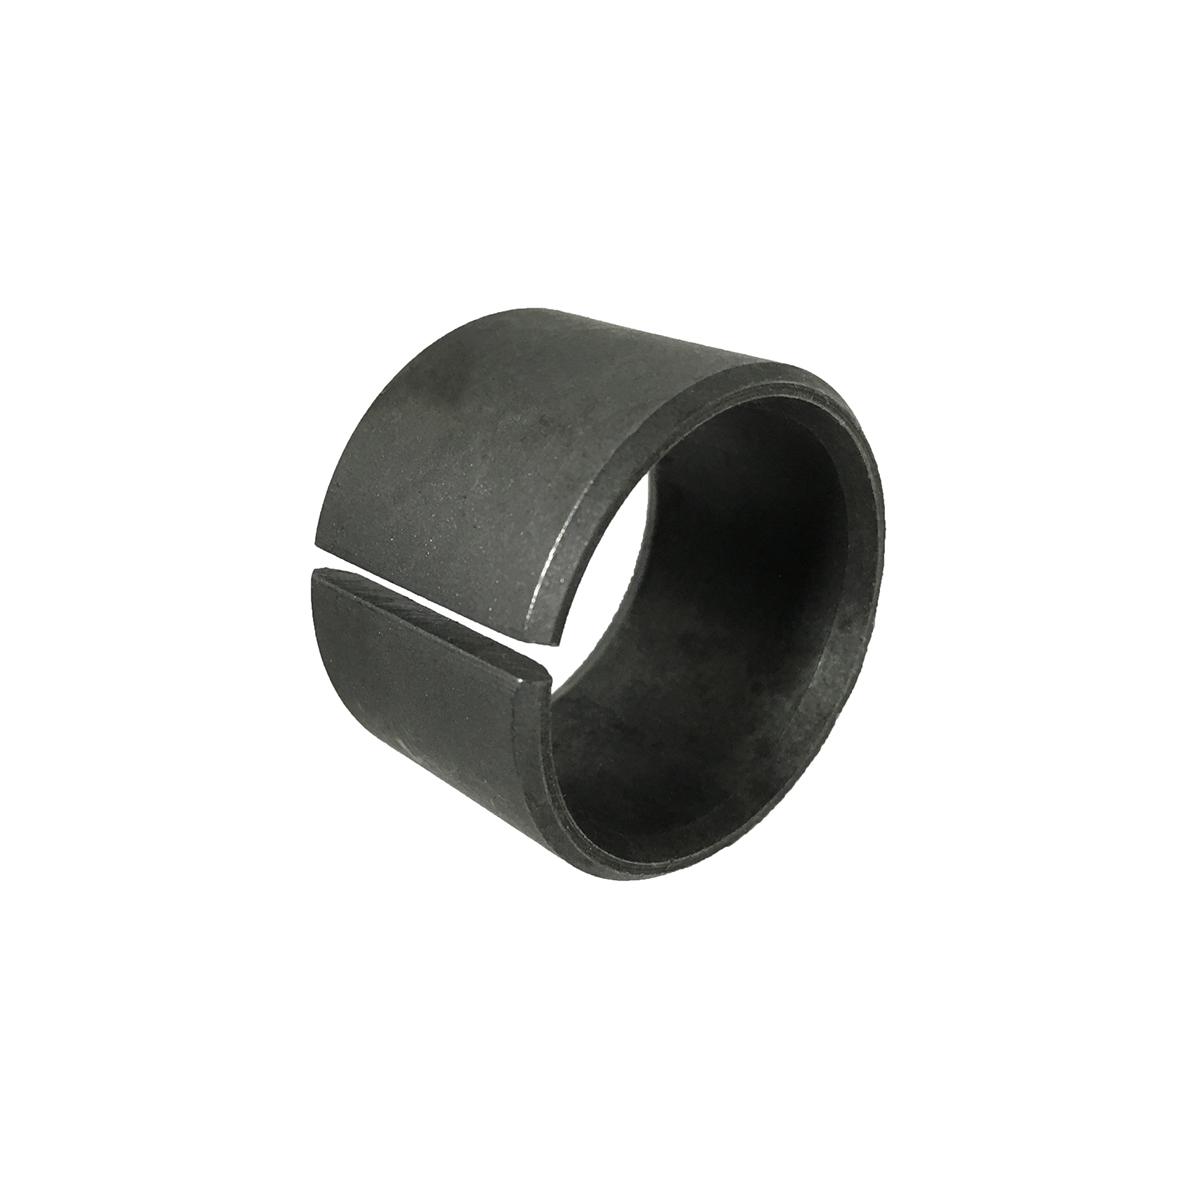 1.75 x 1.5 steel bushing reducer for hydraulic cylinder